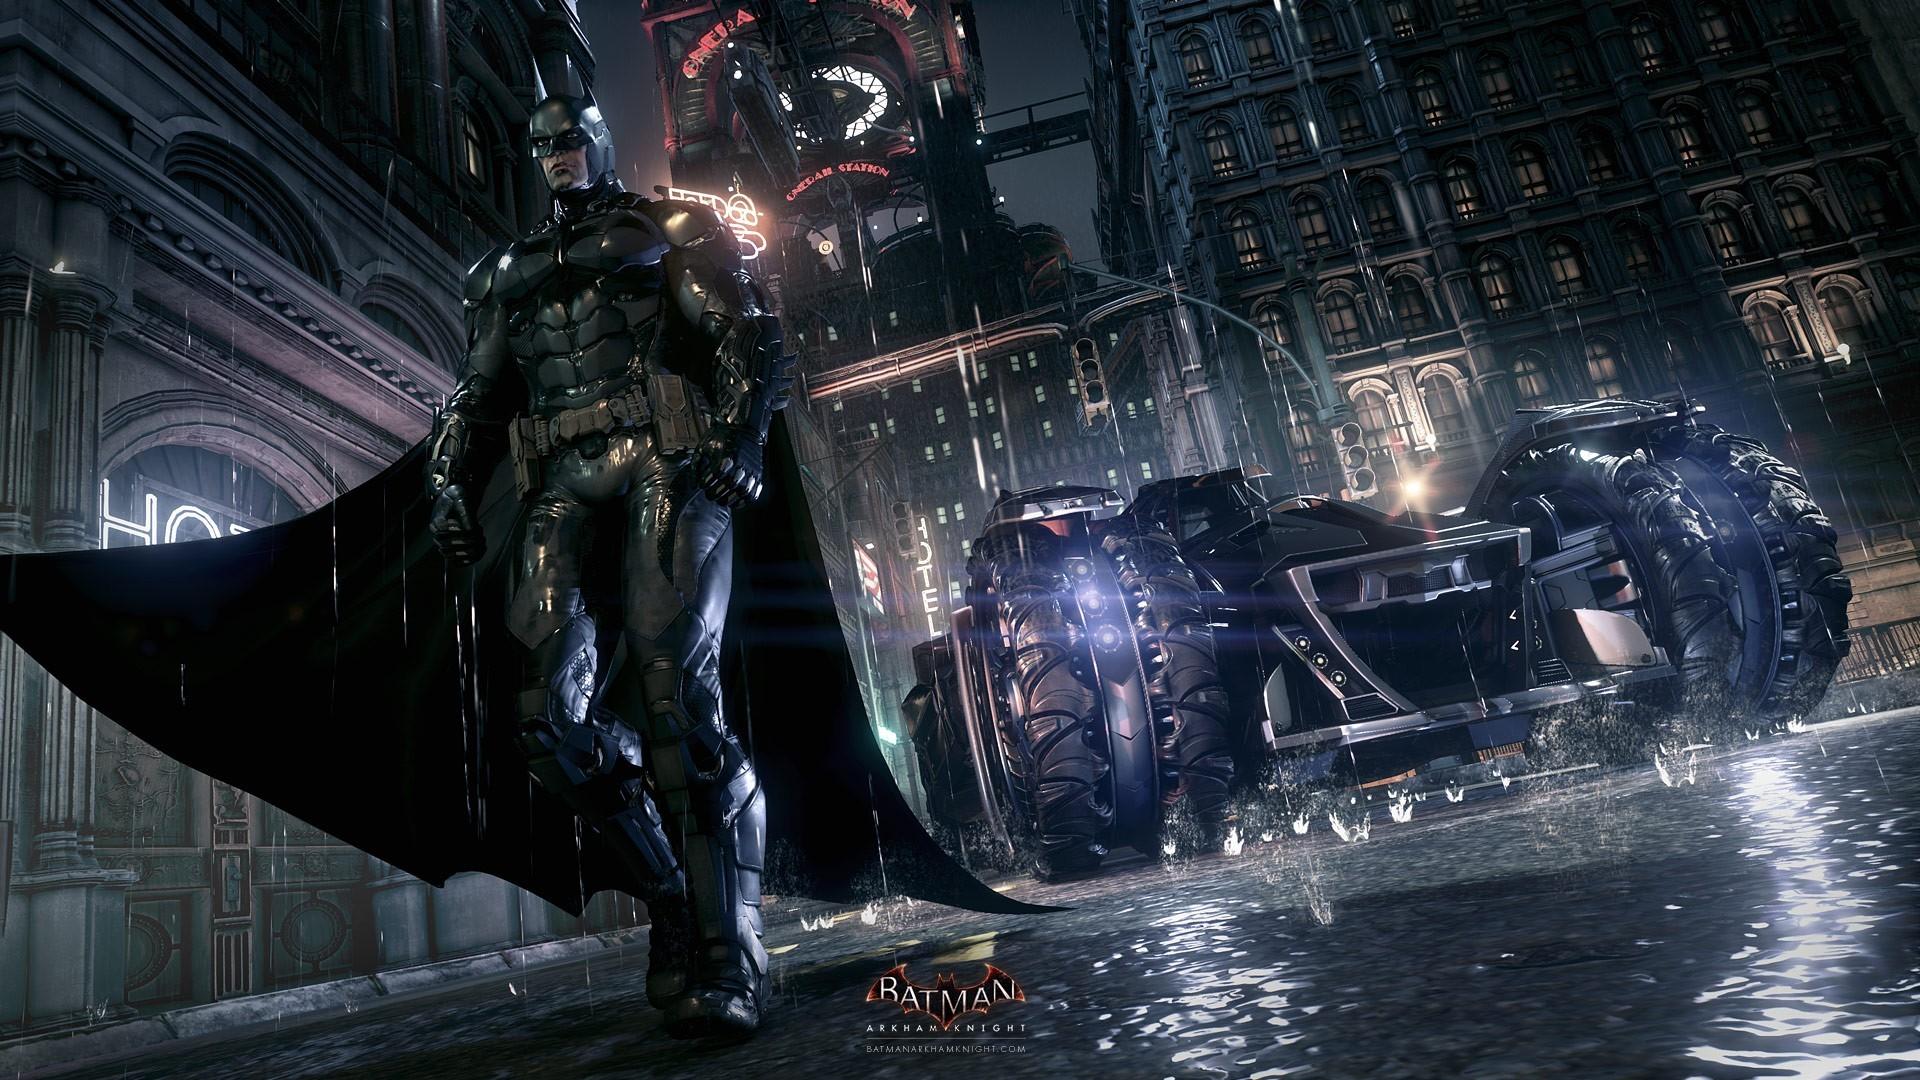 Batman Return to Arkham programmé pour le 10 juin